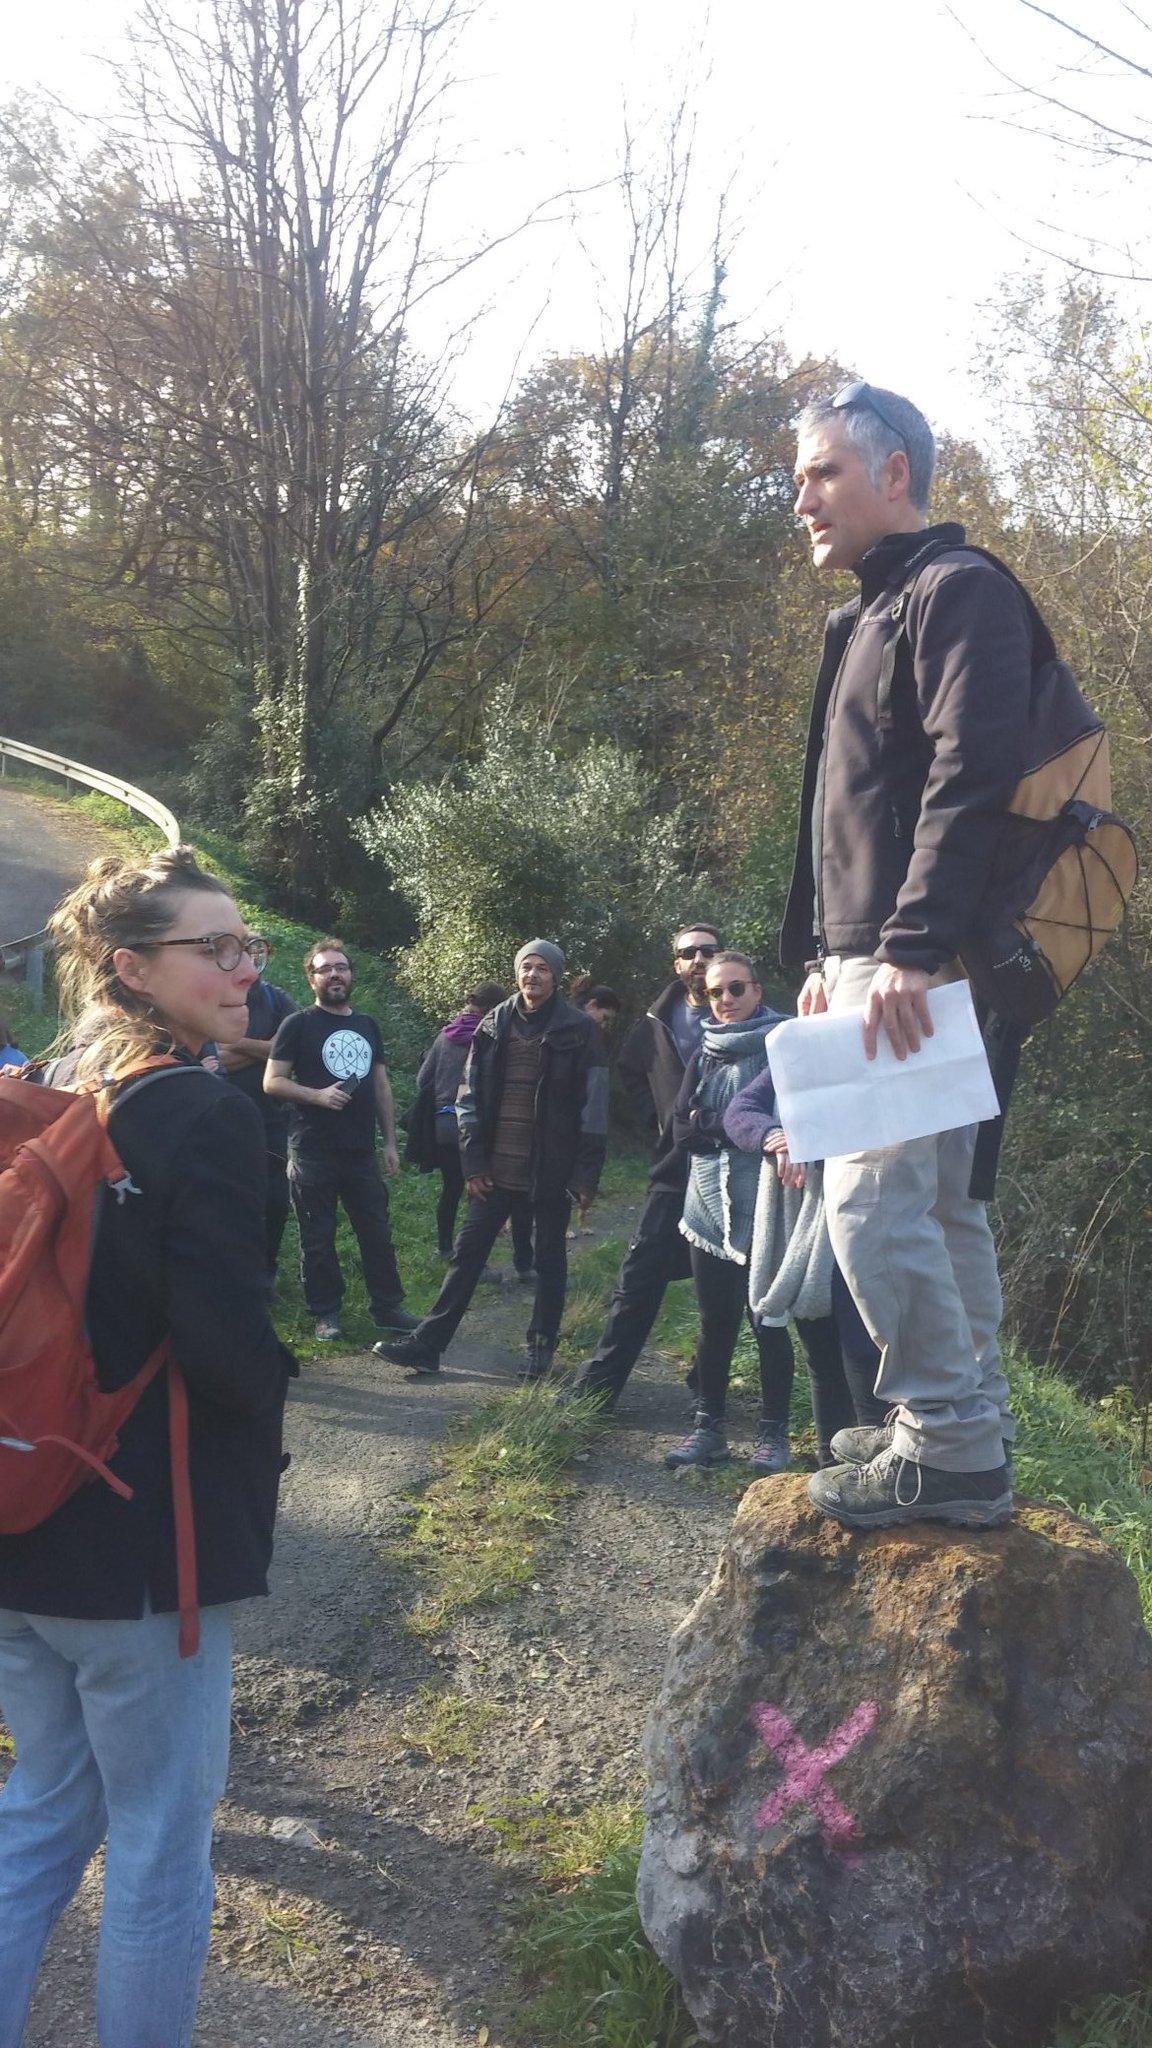 Entramos en el bosque de Bolintxu: paseo periurbano #Urbanbat16 #Bilbao https://t.co/xRRDs8jor6